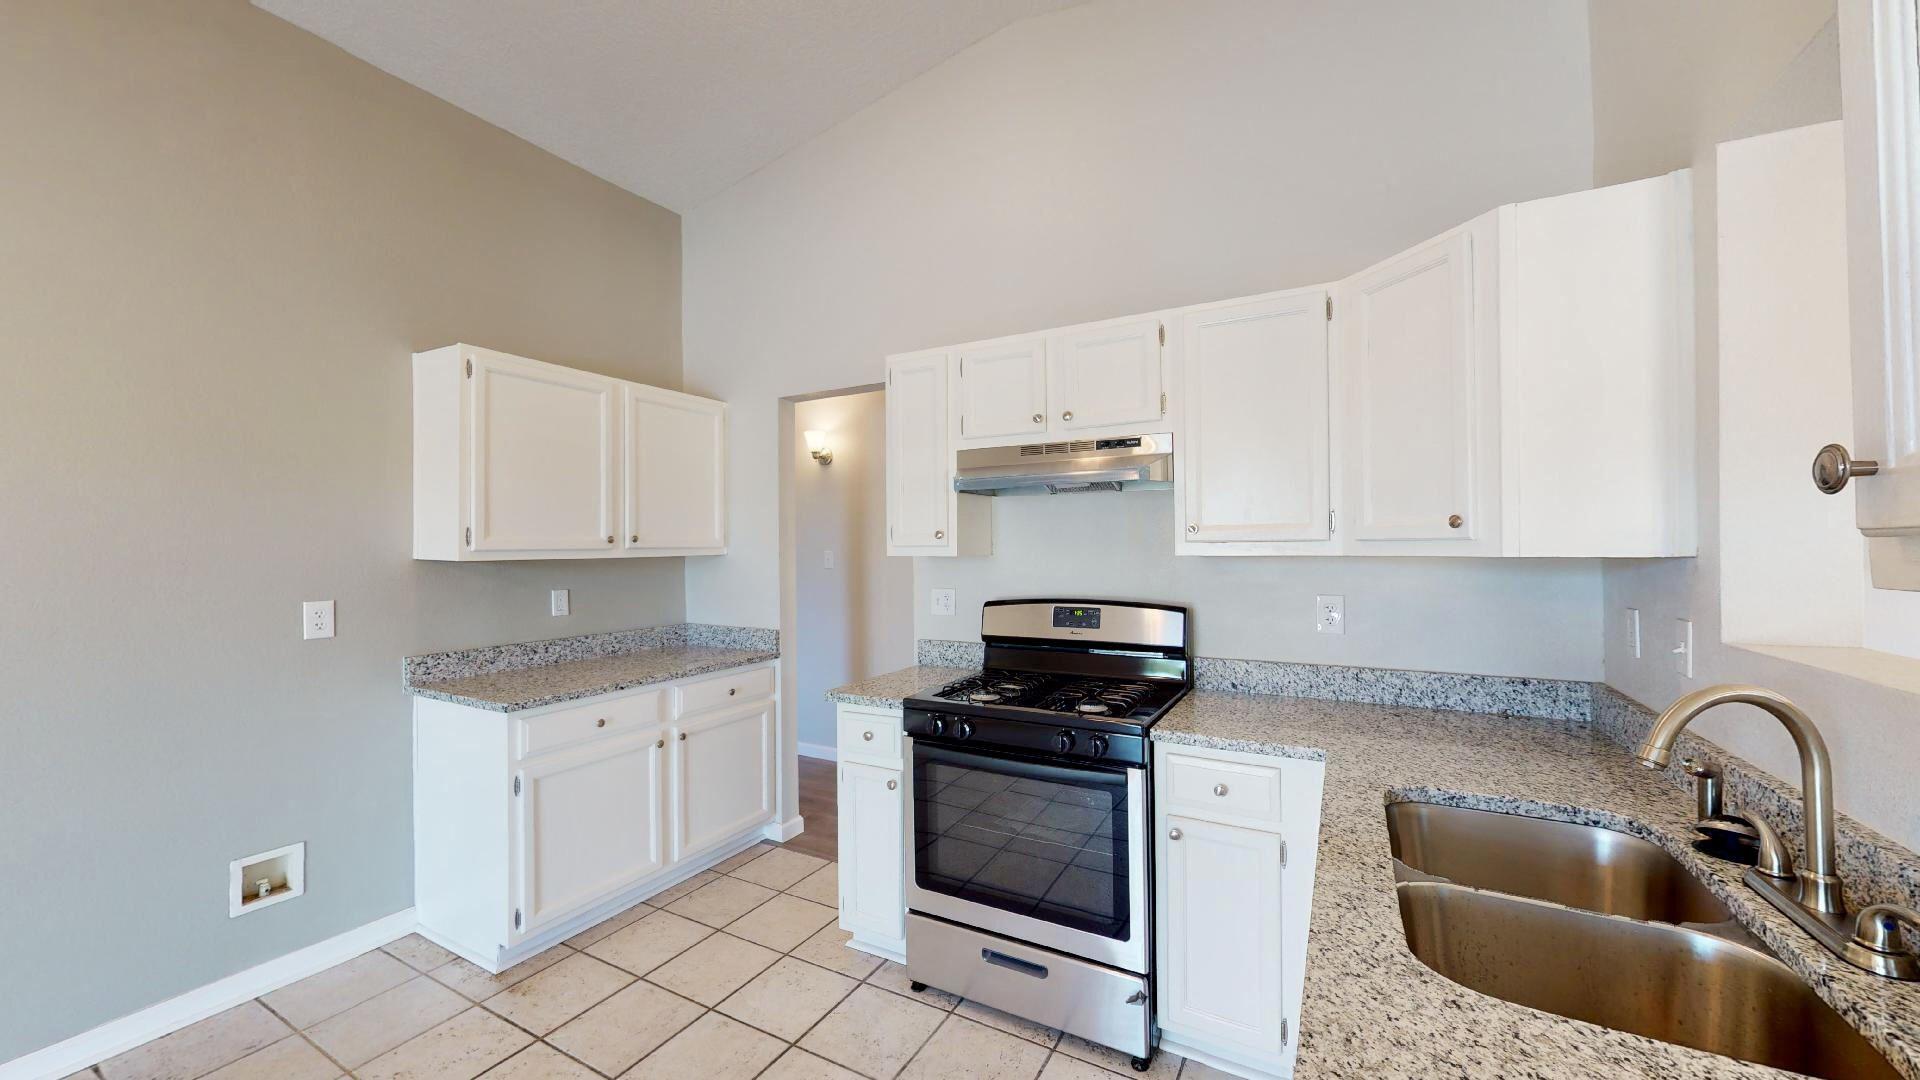 Photo of 11201 ROAN Avenue SW, Albuquerque, NM 87121 (MLS # 994586)